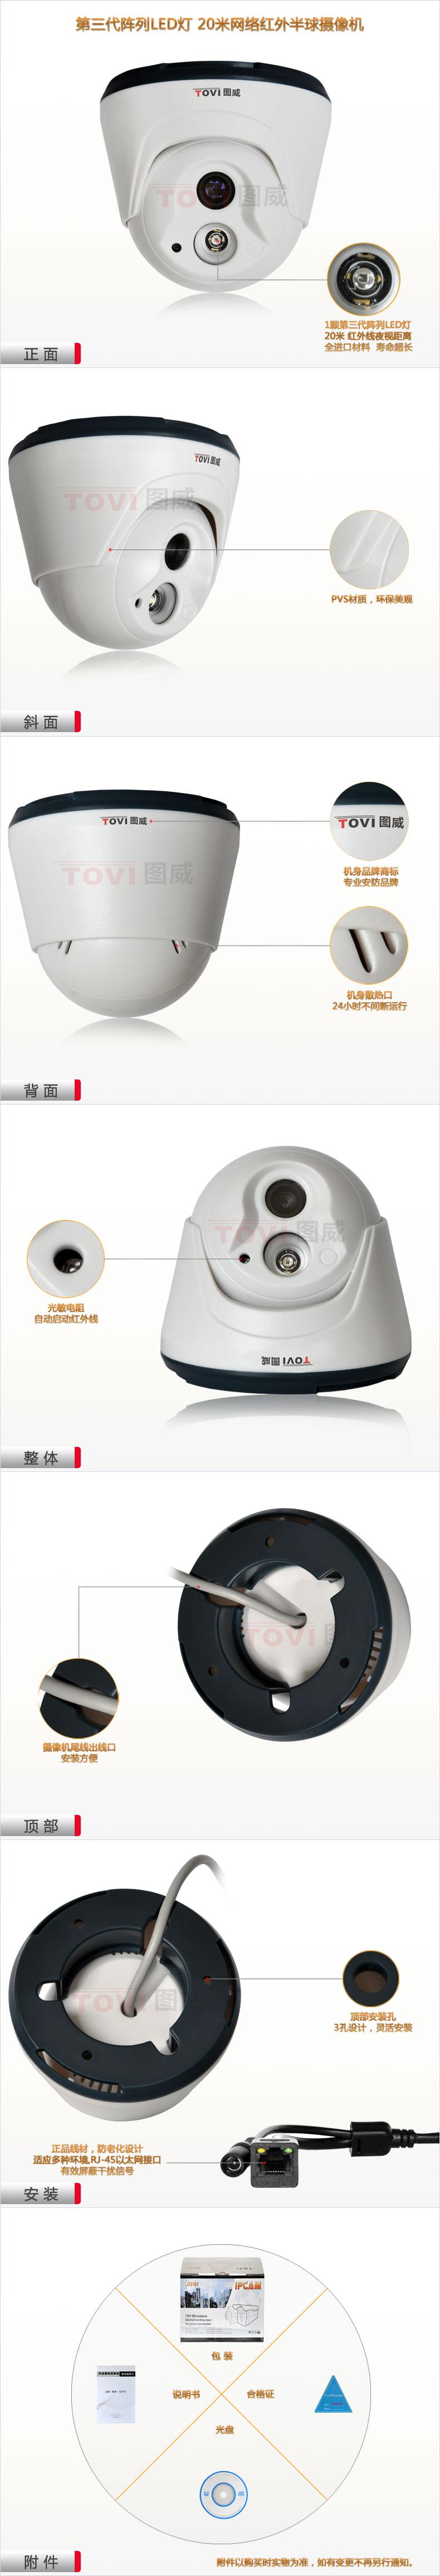 图威TV-CE6020-IT2半球网络摄像机展示